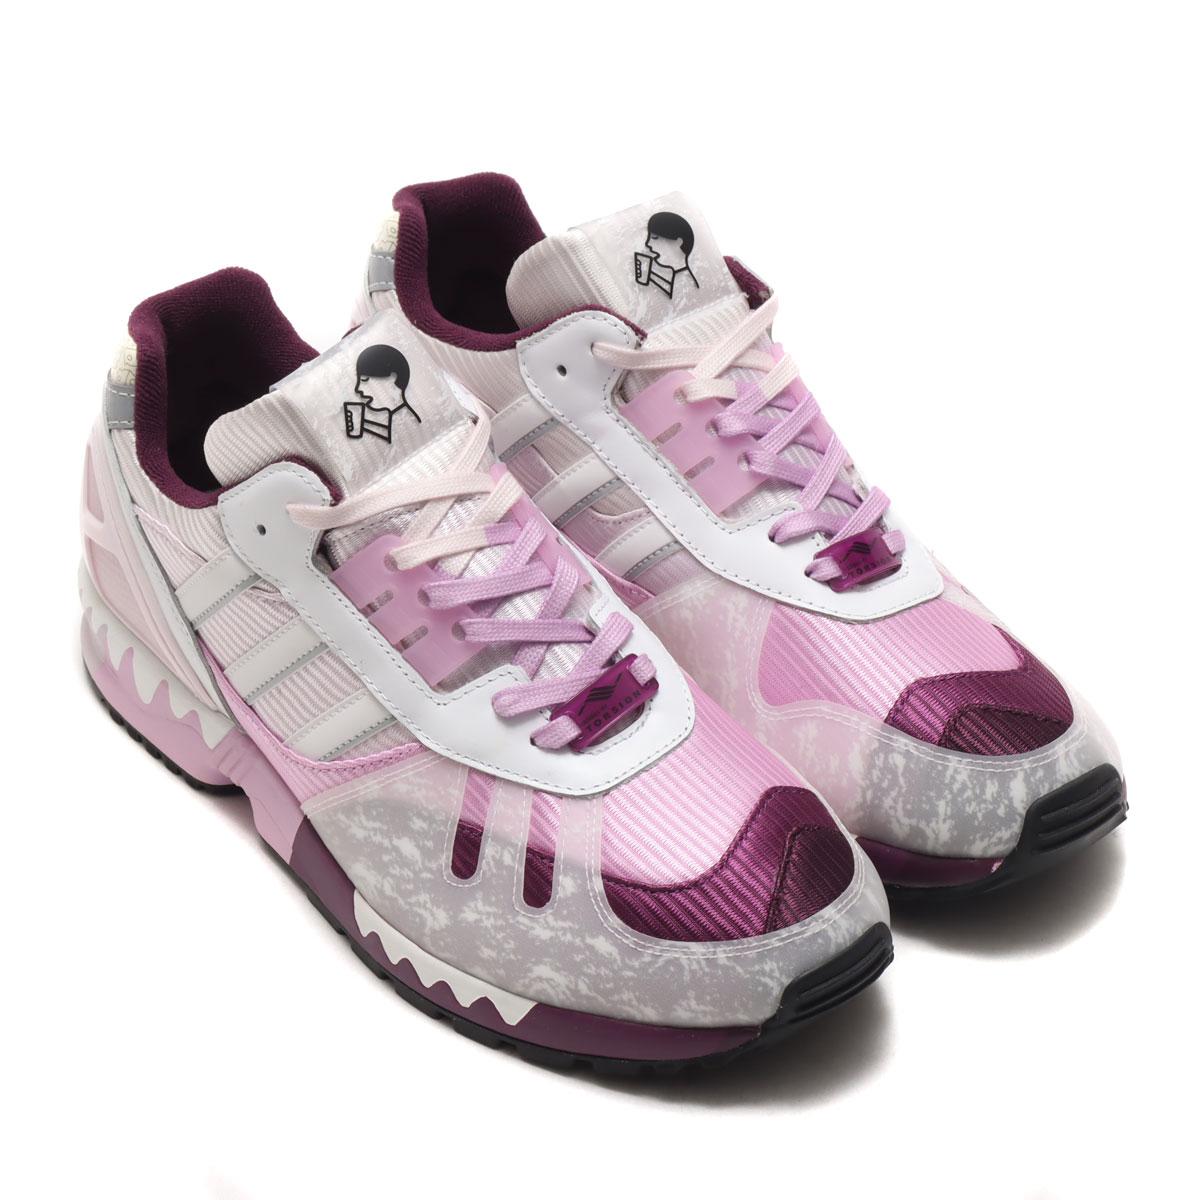 メンズ靴, スニーカー adidas ZX 7000 HEY TEE( ZX 7000 )MERLOTRICH MAUVECLEAR LILAC 20FW-S